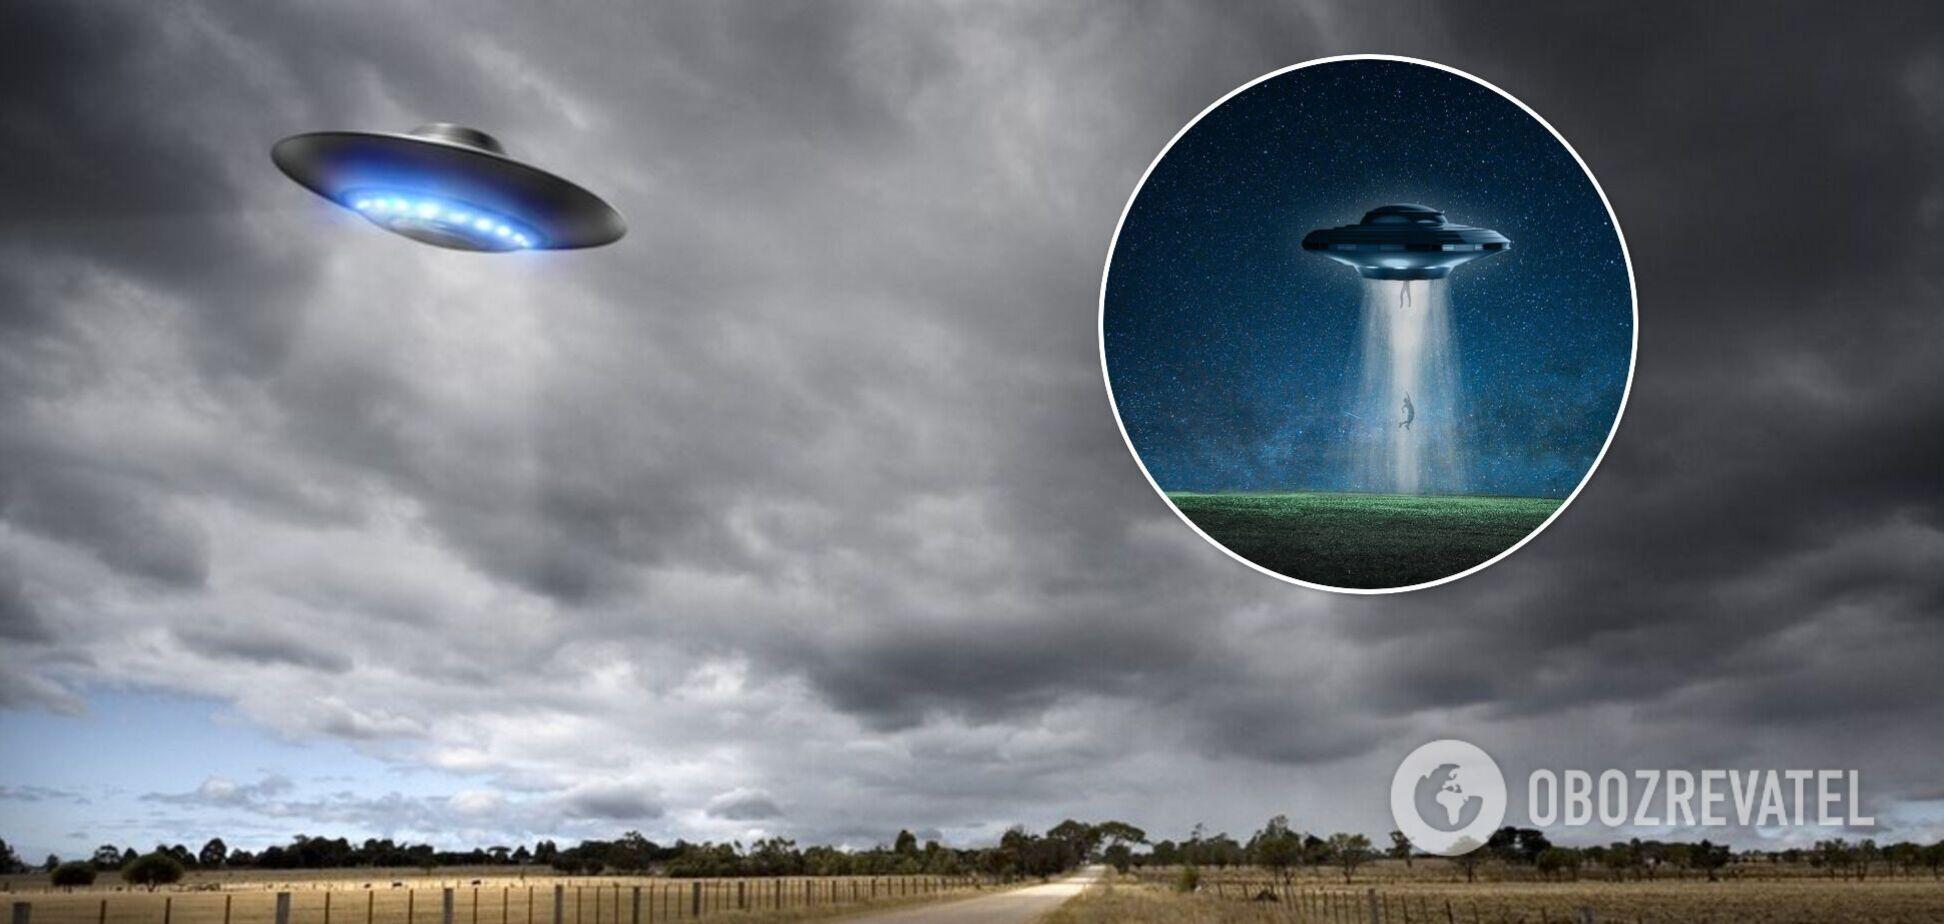 Что делать, если вы увидели НЛО: украинский исследователь аномалий дал советы